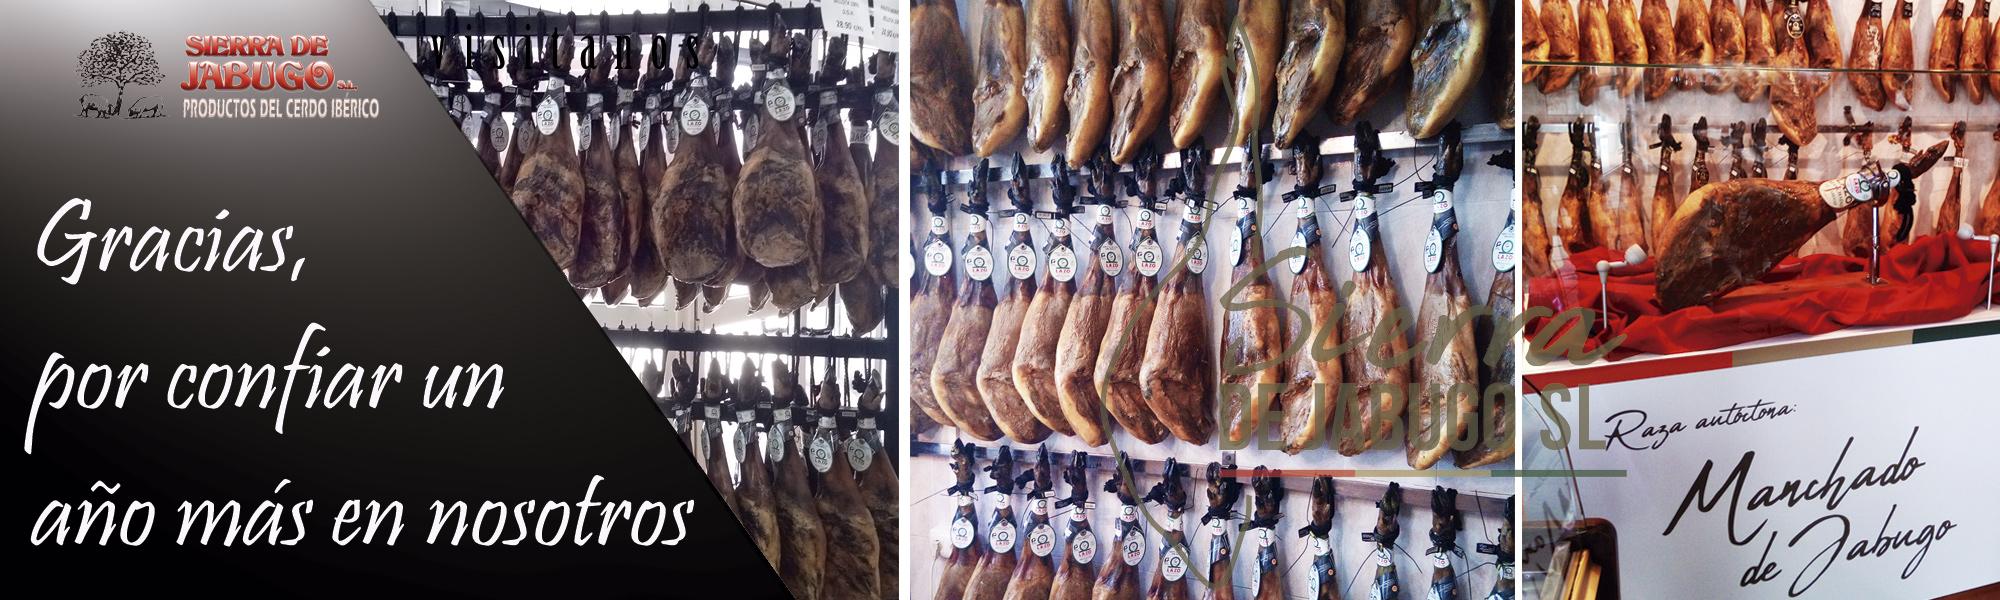 Agradecimiento tiendas Sierra de Jabugo